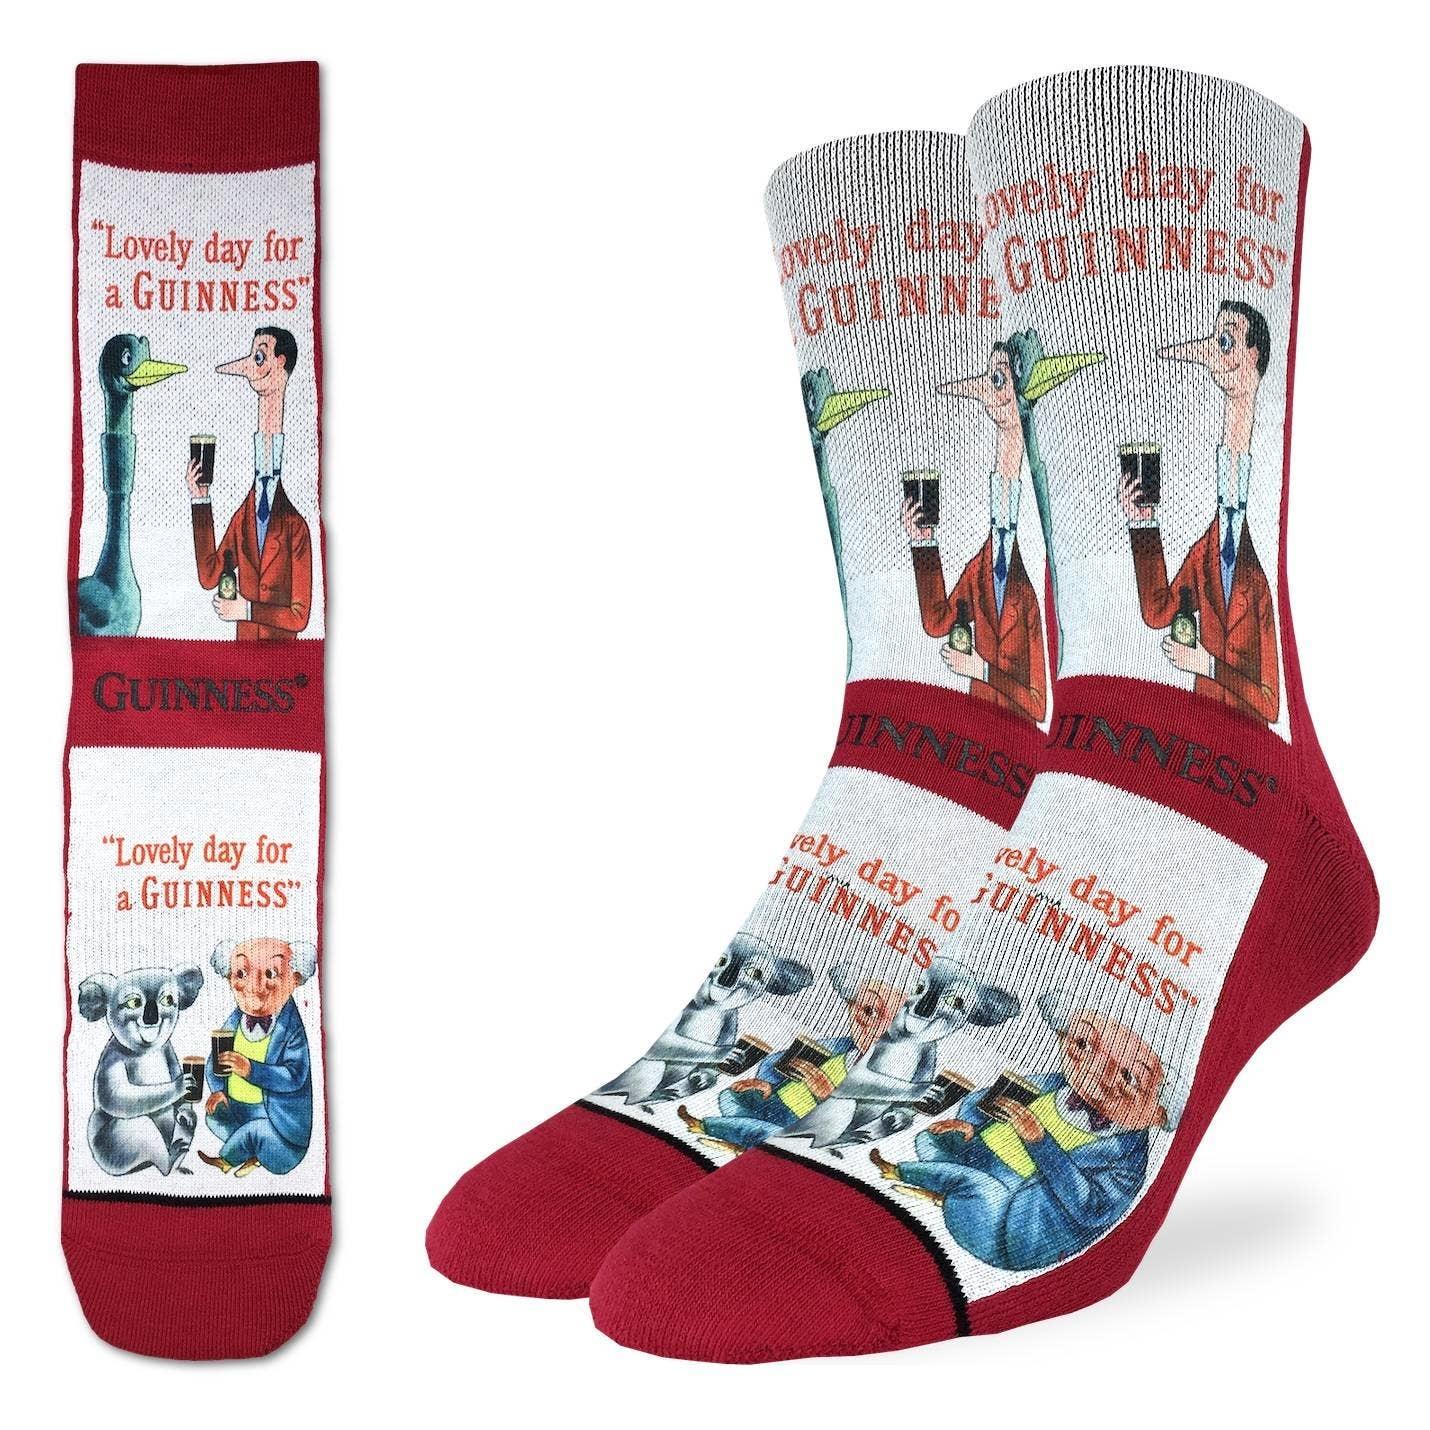 Lovely Day for a Guinness Men's Crew Socks